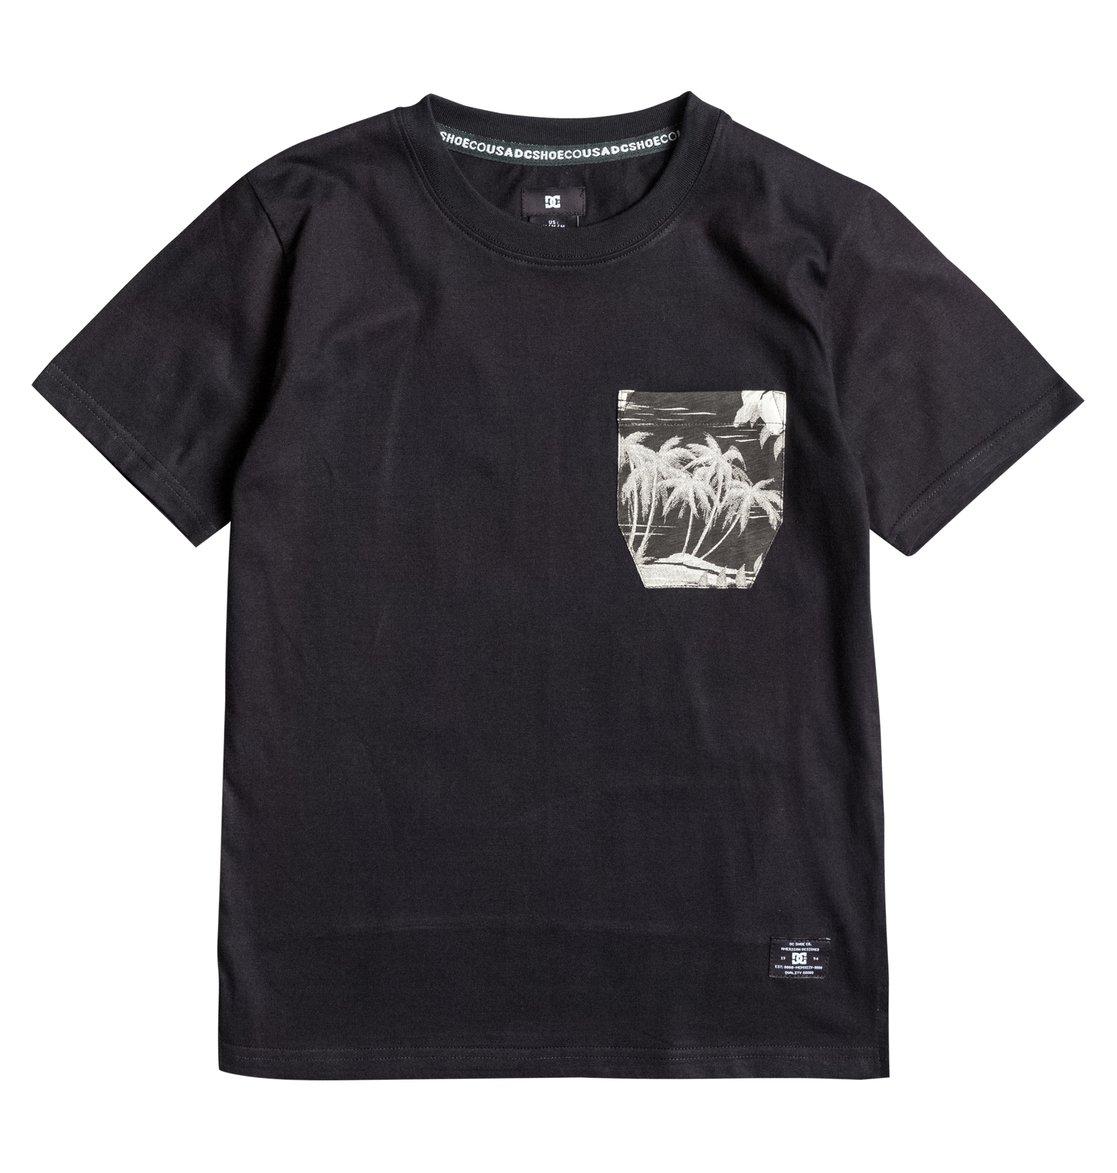 Woodglen T-ShirtДетская футболка Woodglen от DC Shoes. <br>ХАРАКТЕРИСТИКИ: мягкий трикотаж, панельный крой ниже поясницы со сплошным принтом, нагрудный карман со сплошным принтом, боковые прорези. <br>СОСТАВ: 100% хлопок.<br>